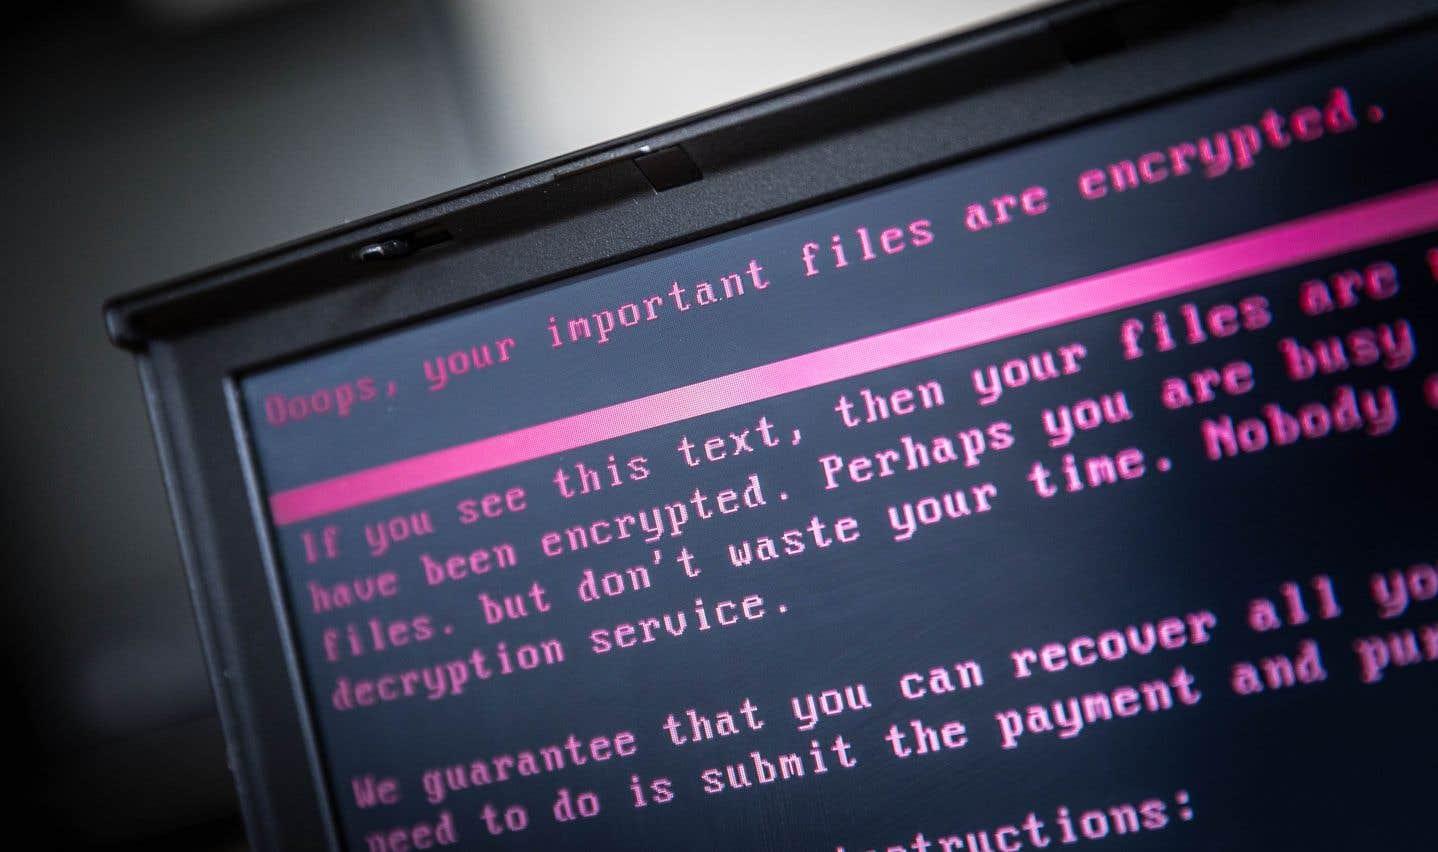 Fin juin, la cyberattaque NotPetya, qui avait commencé en Russie et en Ukraine, avait touché des milliers d'ordinateurs dans le monde.